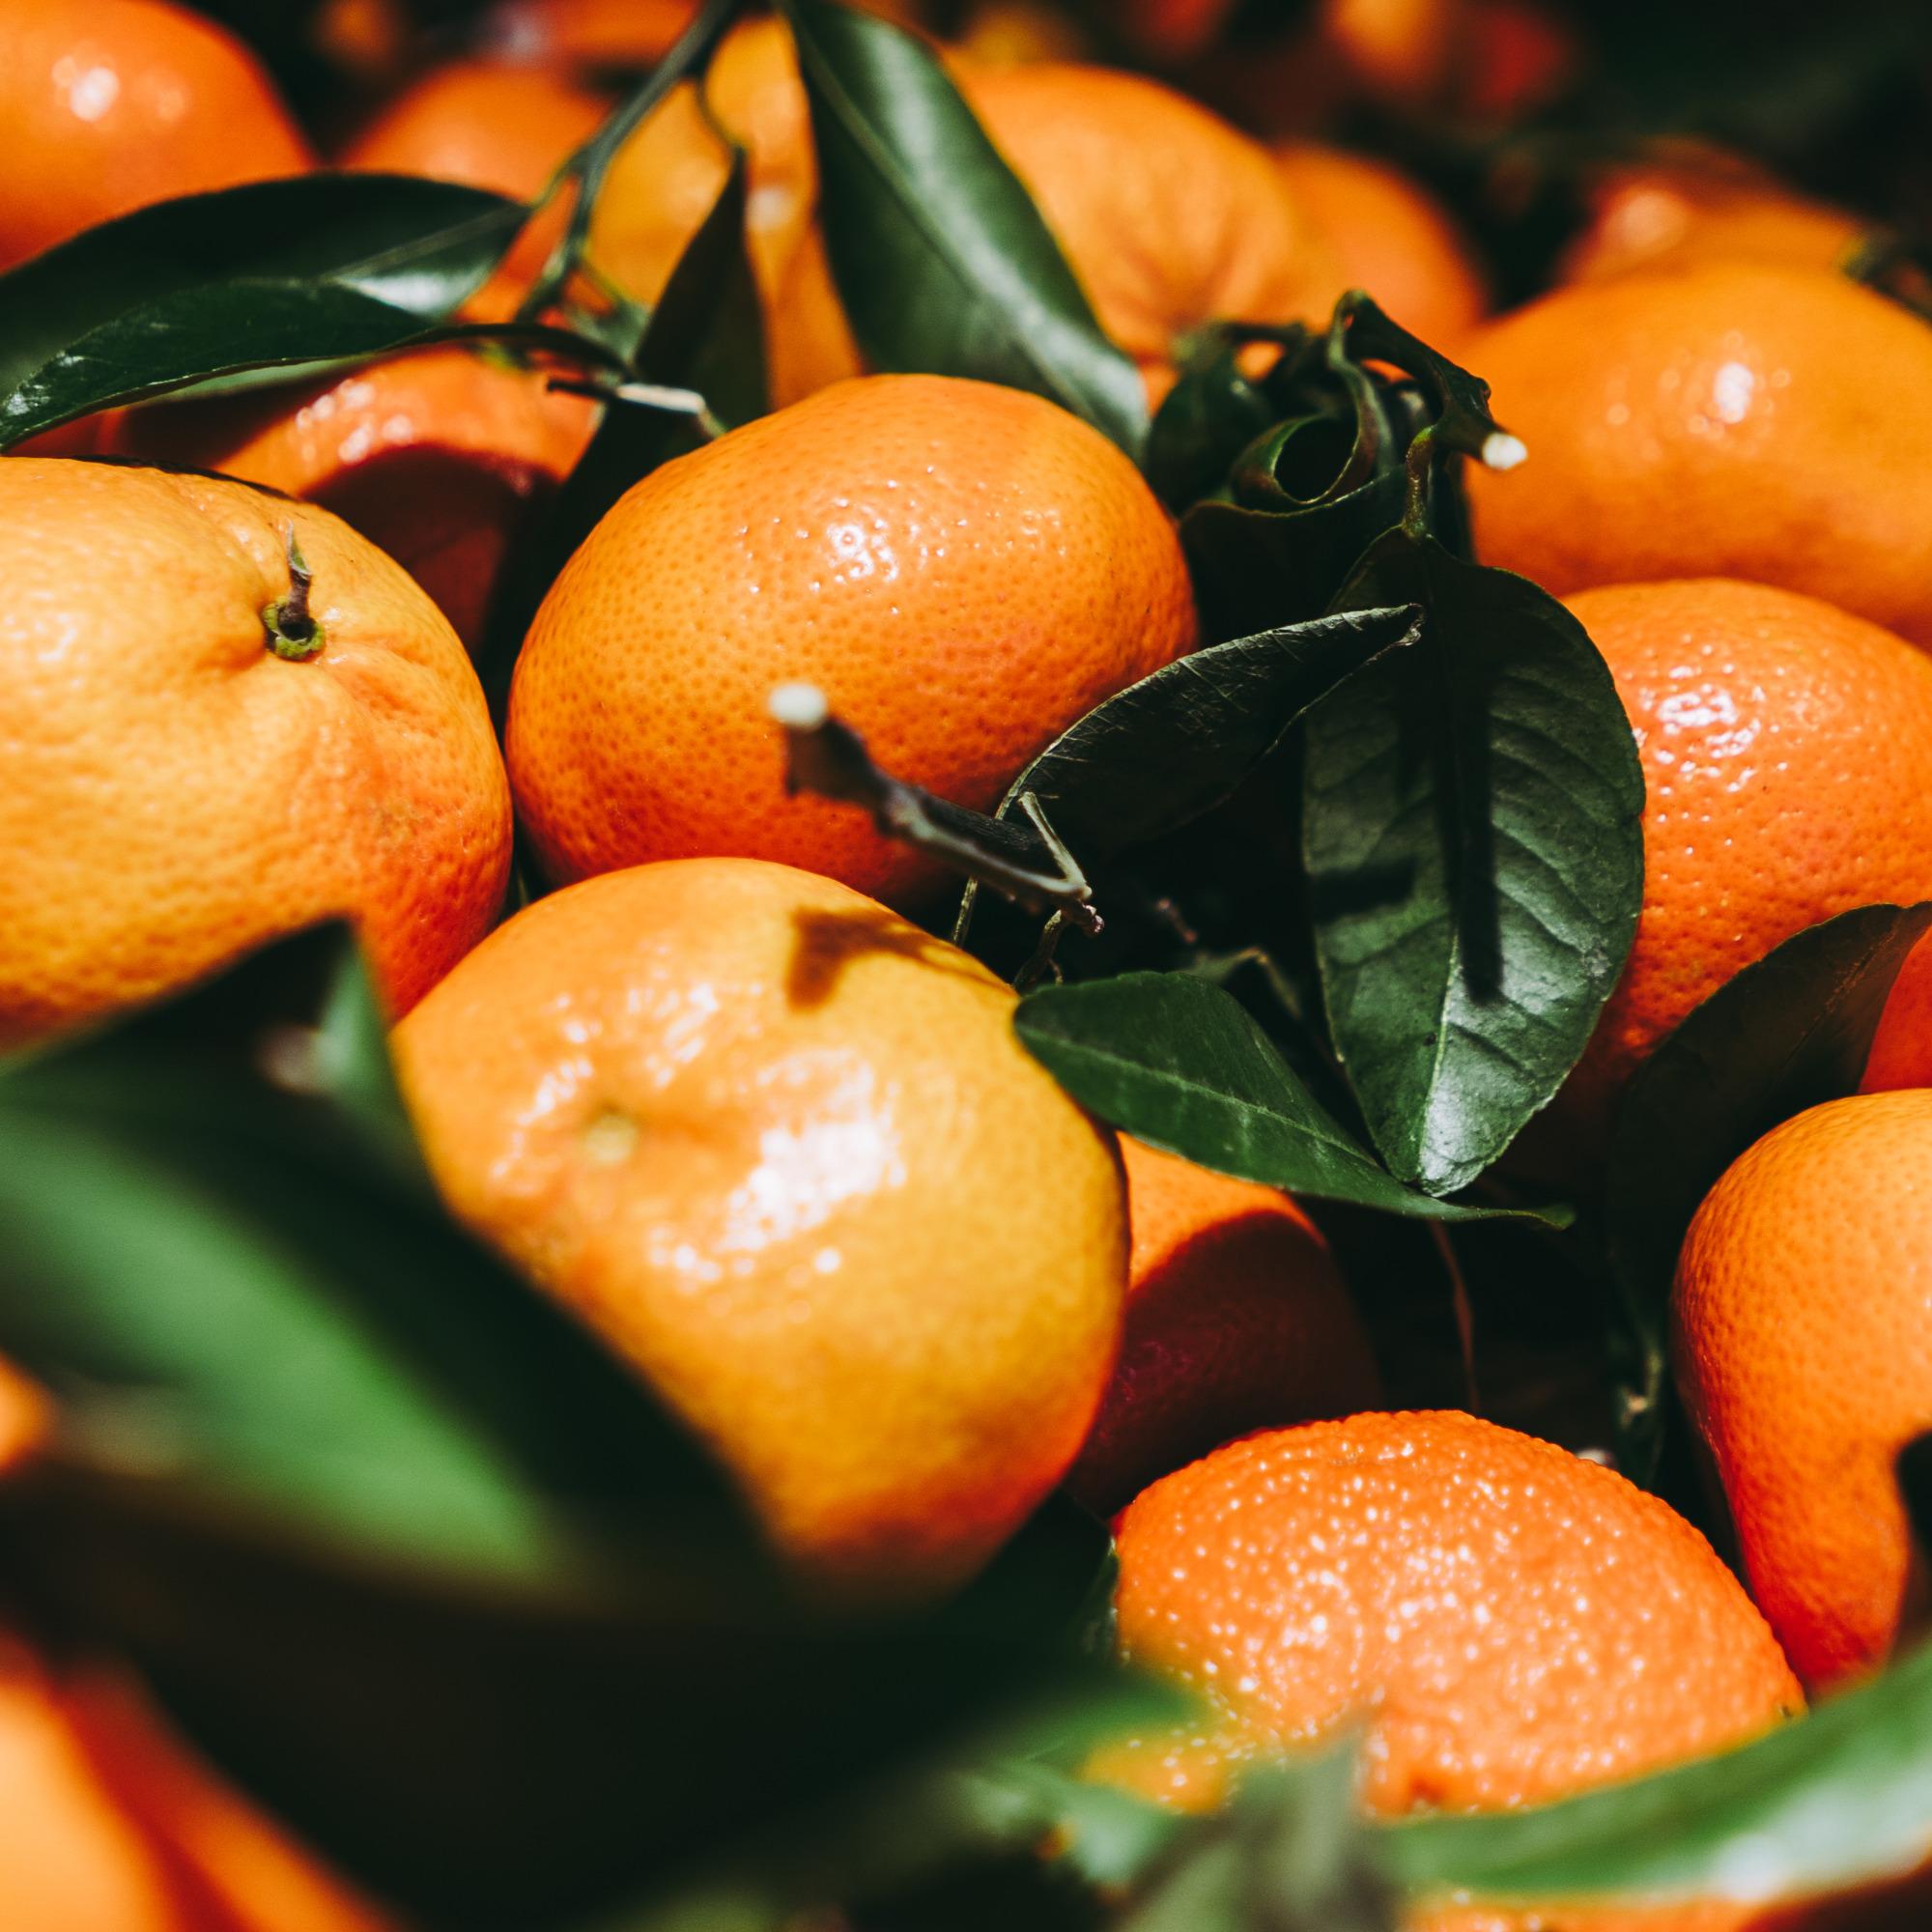 Clementinen, unbehandelt